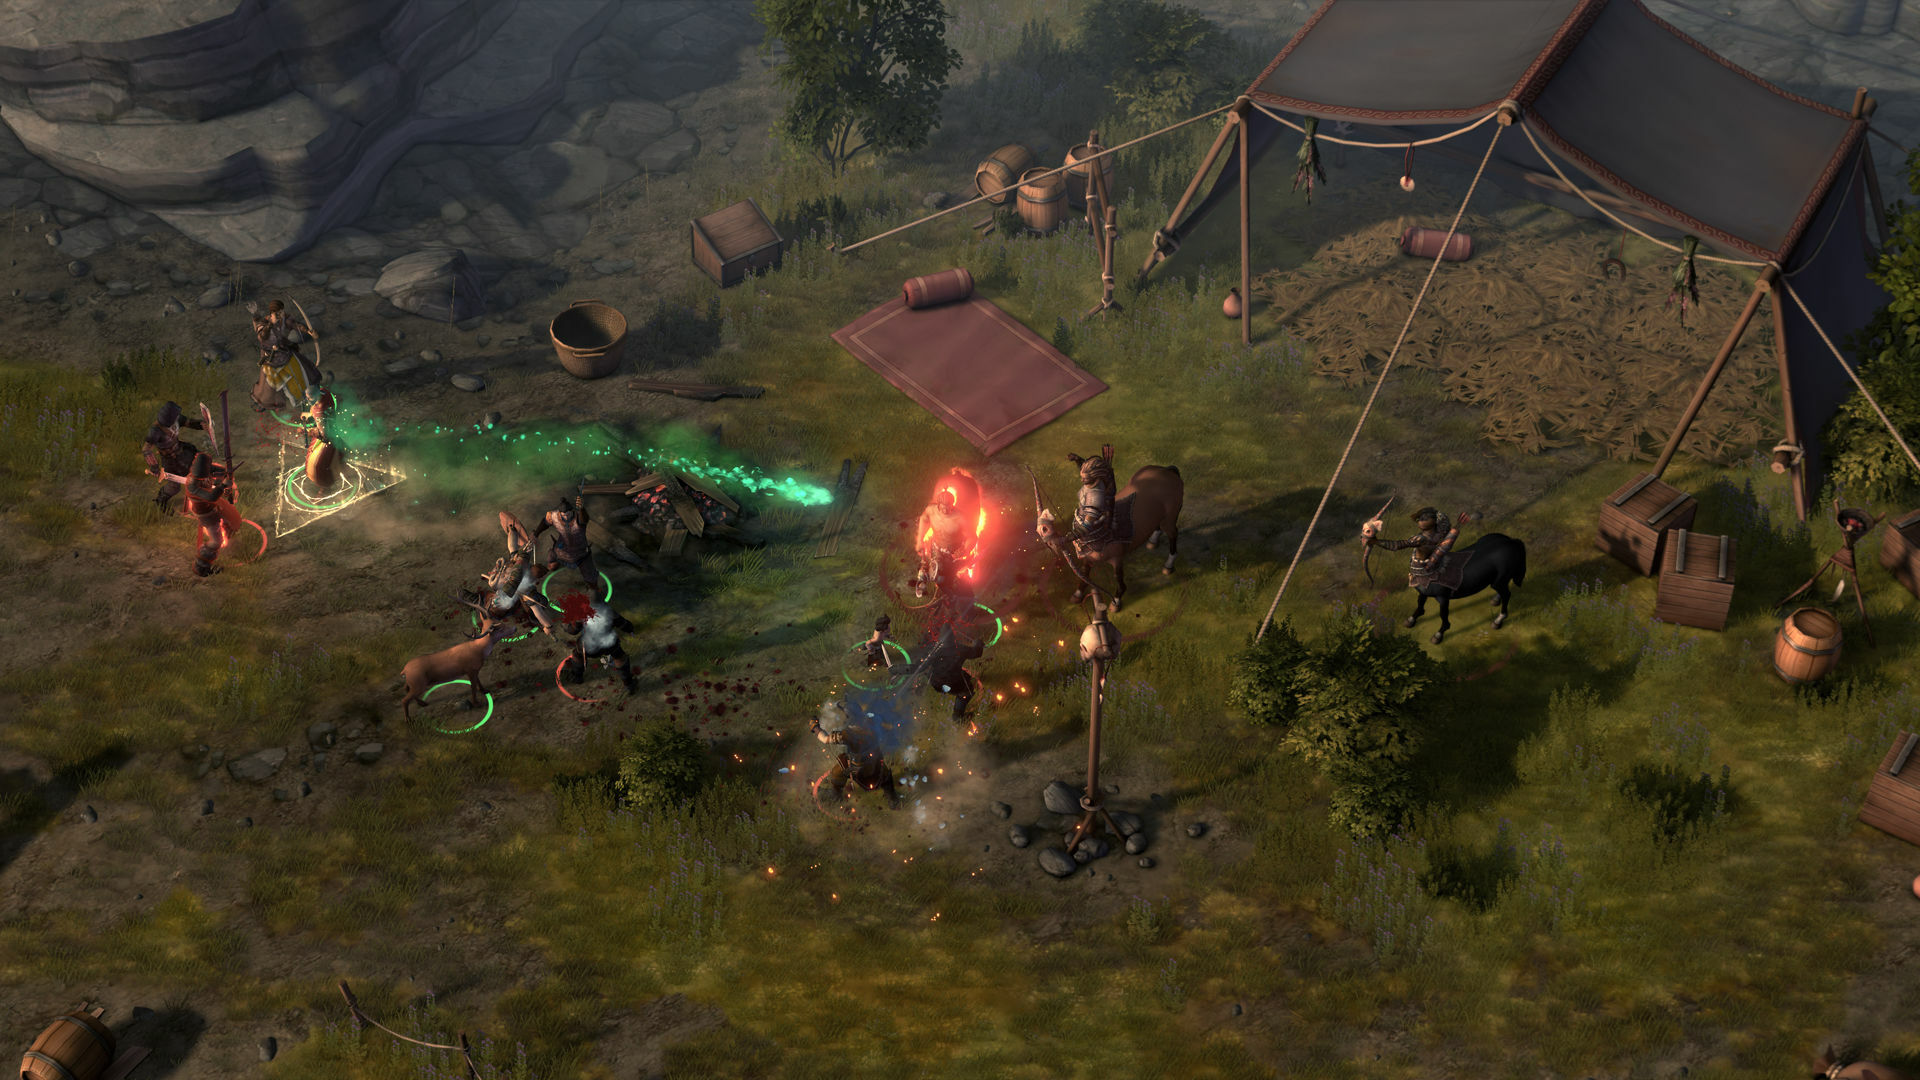 Перевод: Как Baldur's Gate 3 и Bloodlines 2 переписывают правила ролевок, которые они адаптируют